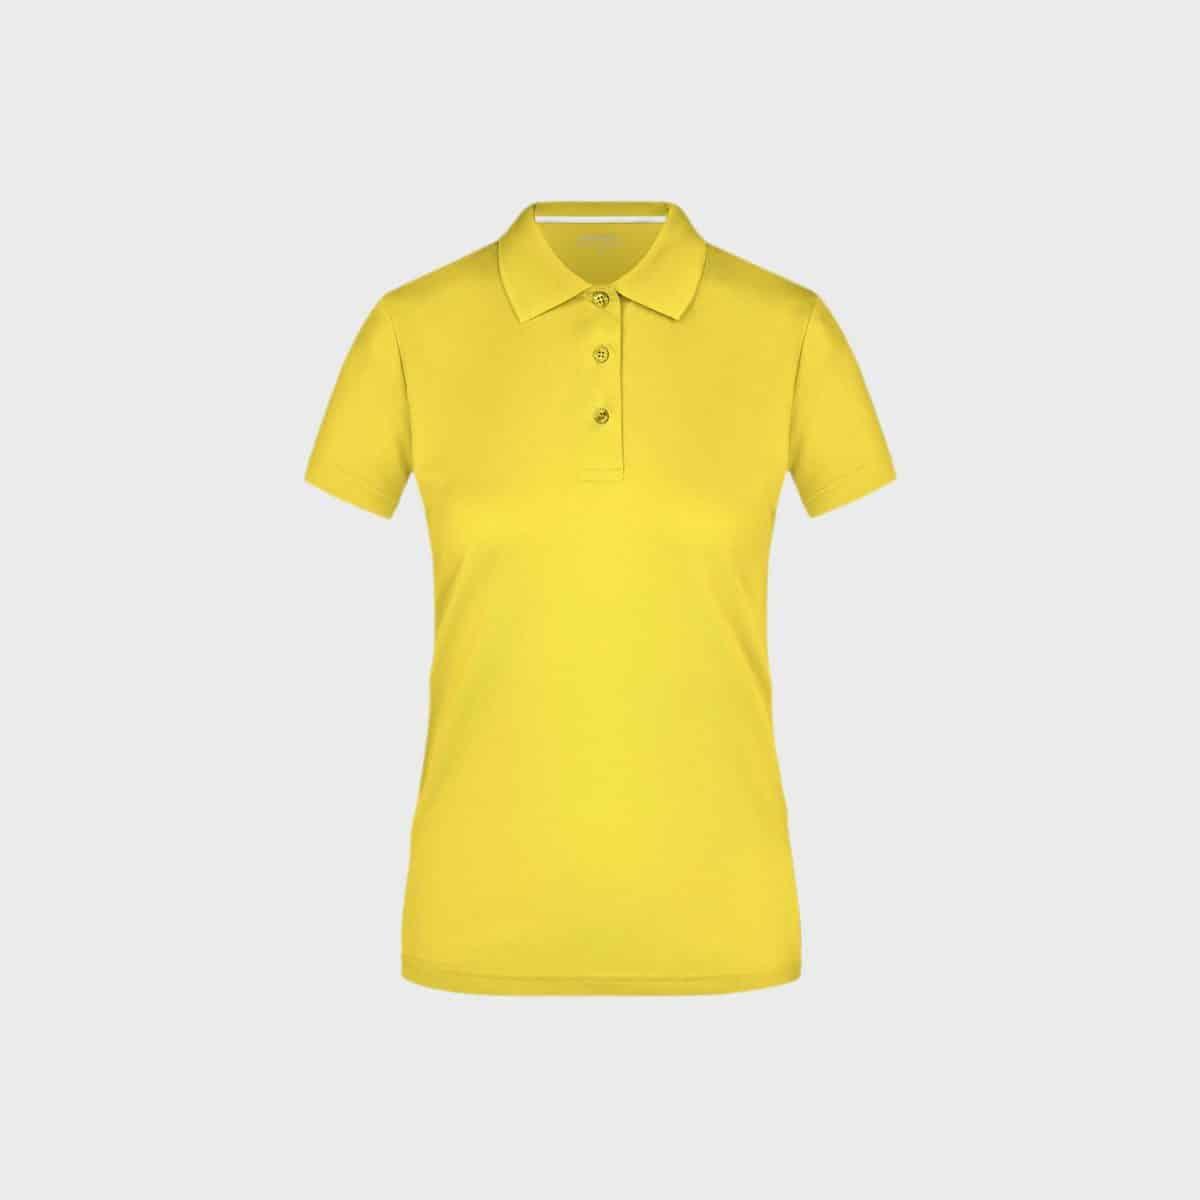 sportshirt-polo-t-tshirt-damen-yellow-kaufen-besticken_stickmanufaktur